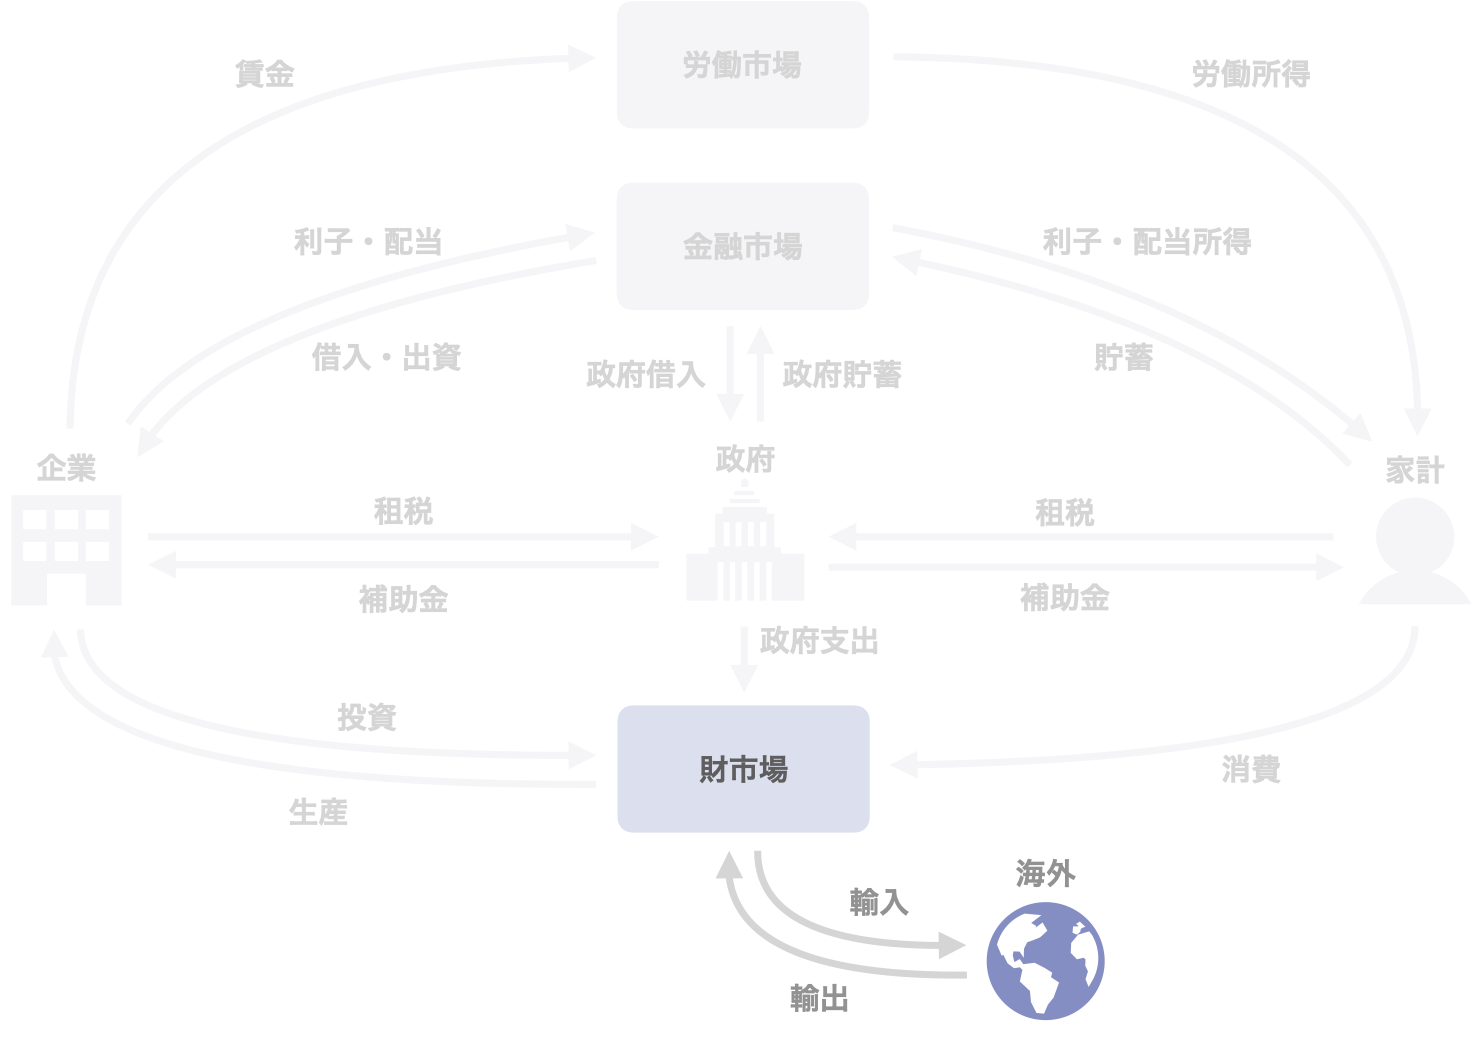 図4 海外の活動と市場との関係